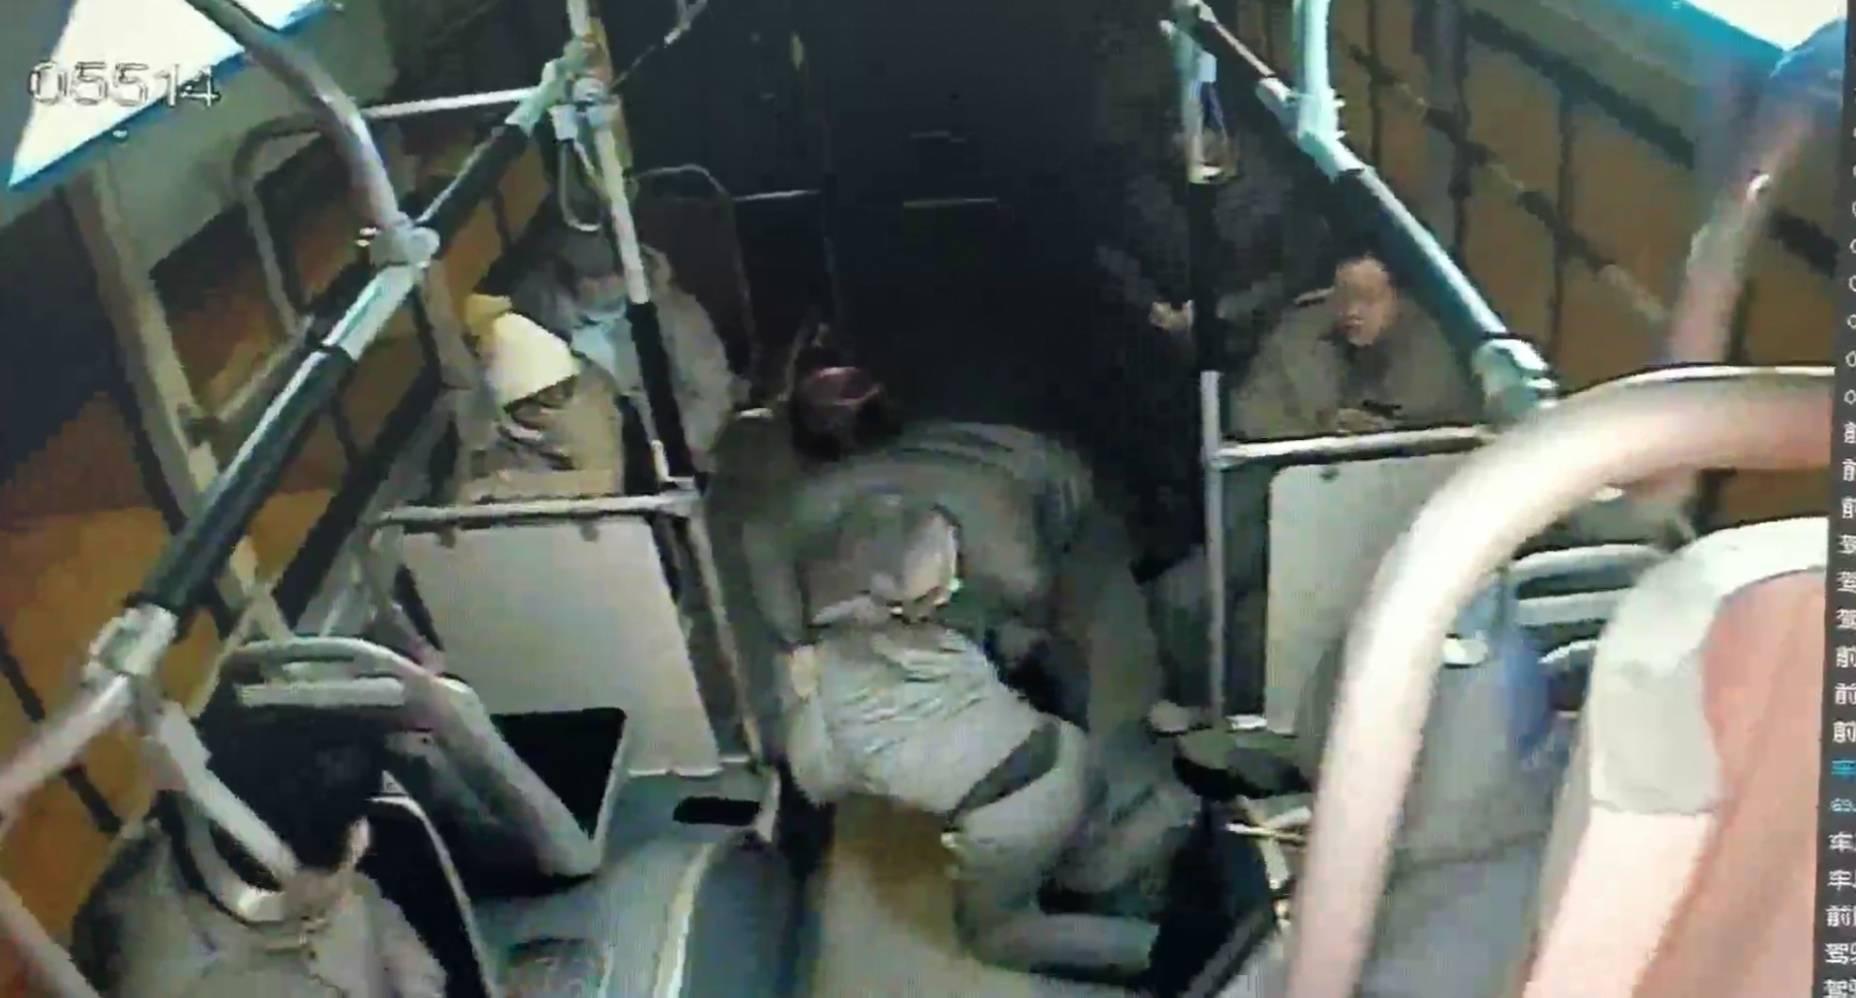 温度记 | 年轻乘客突然晕倒一头栽地 !司机乘客暖心救助